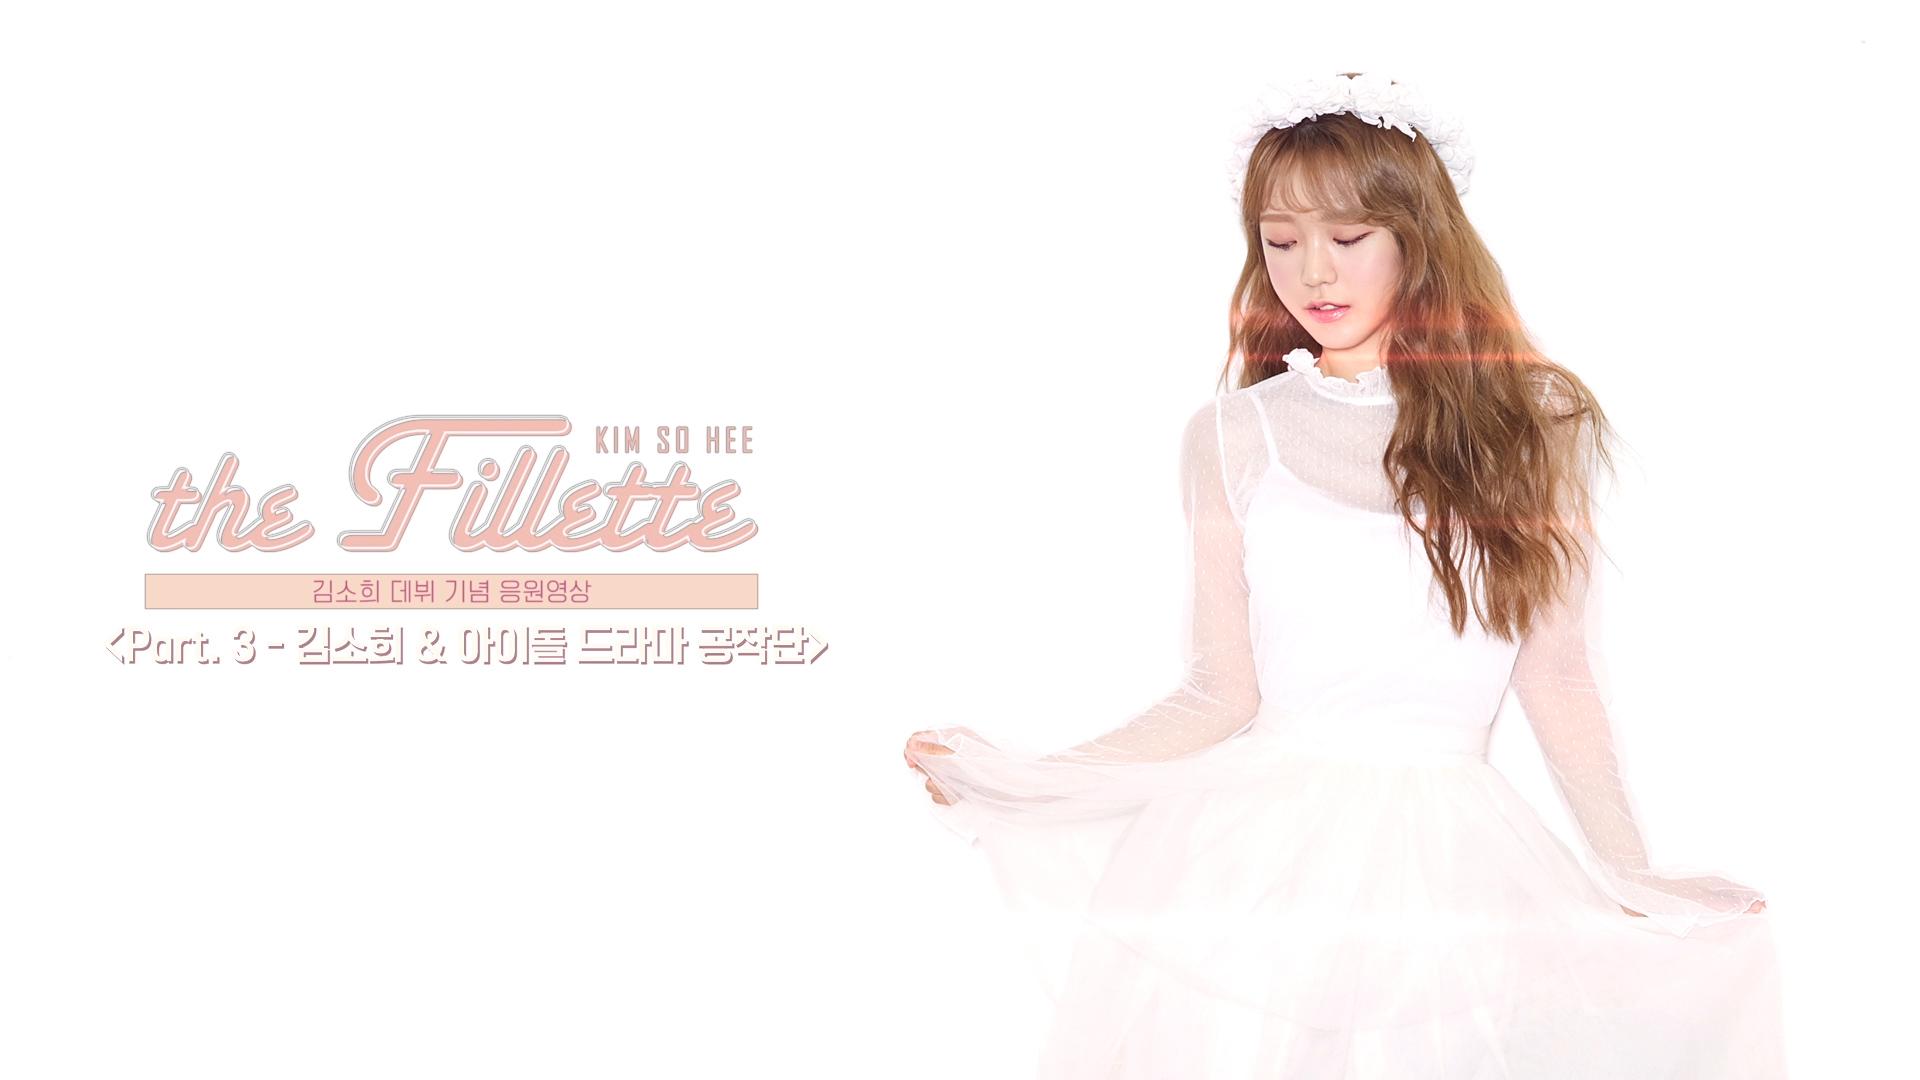 ★김소희★ 데뷔 기념 응원 메시지 영상 Part. 3 - 아이돌 드라마 공작단